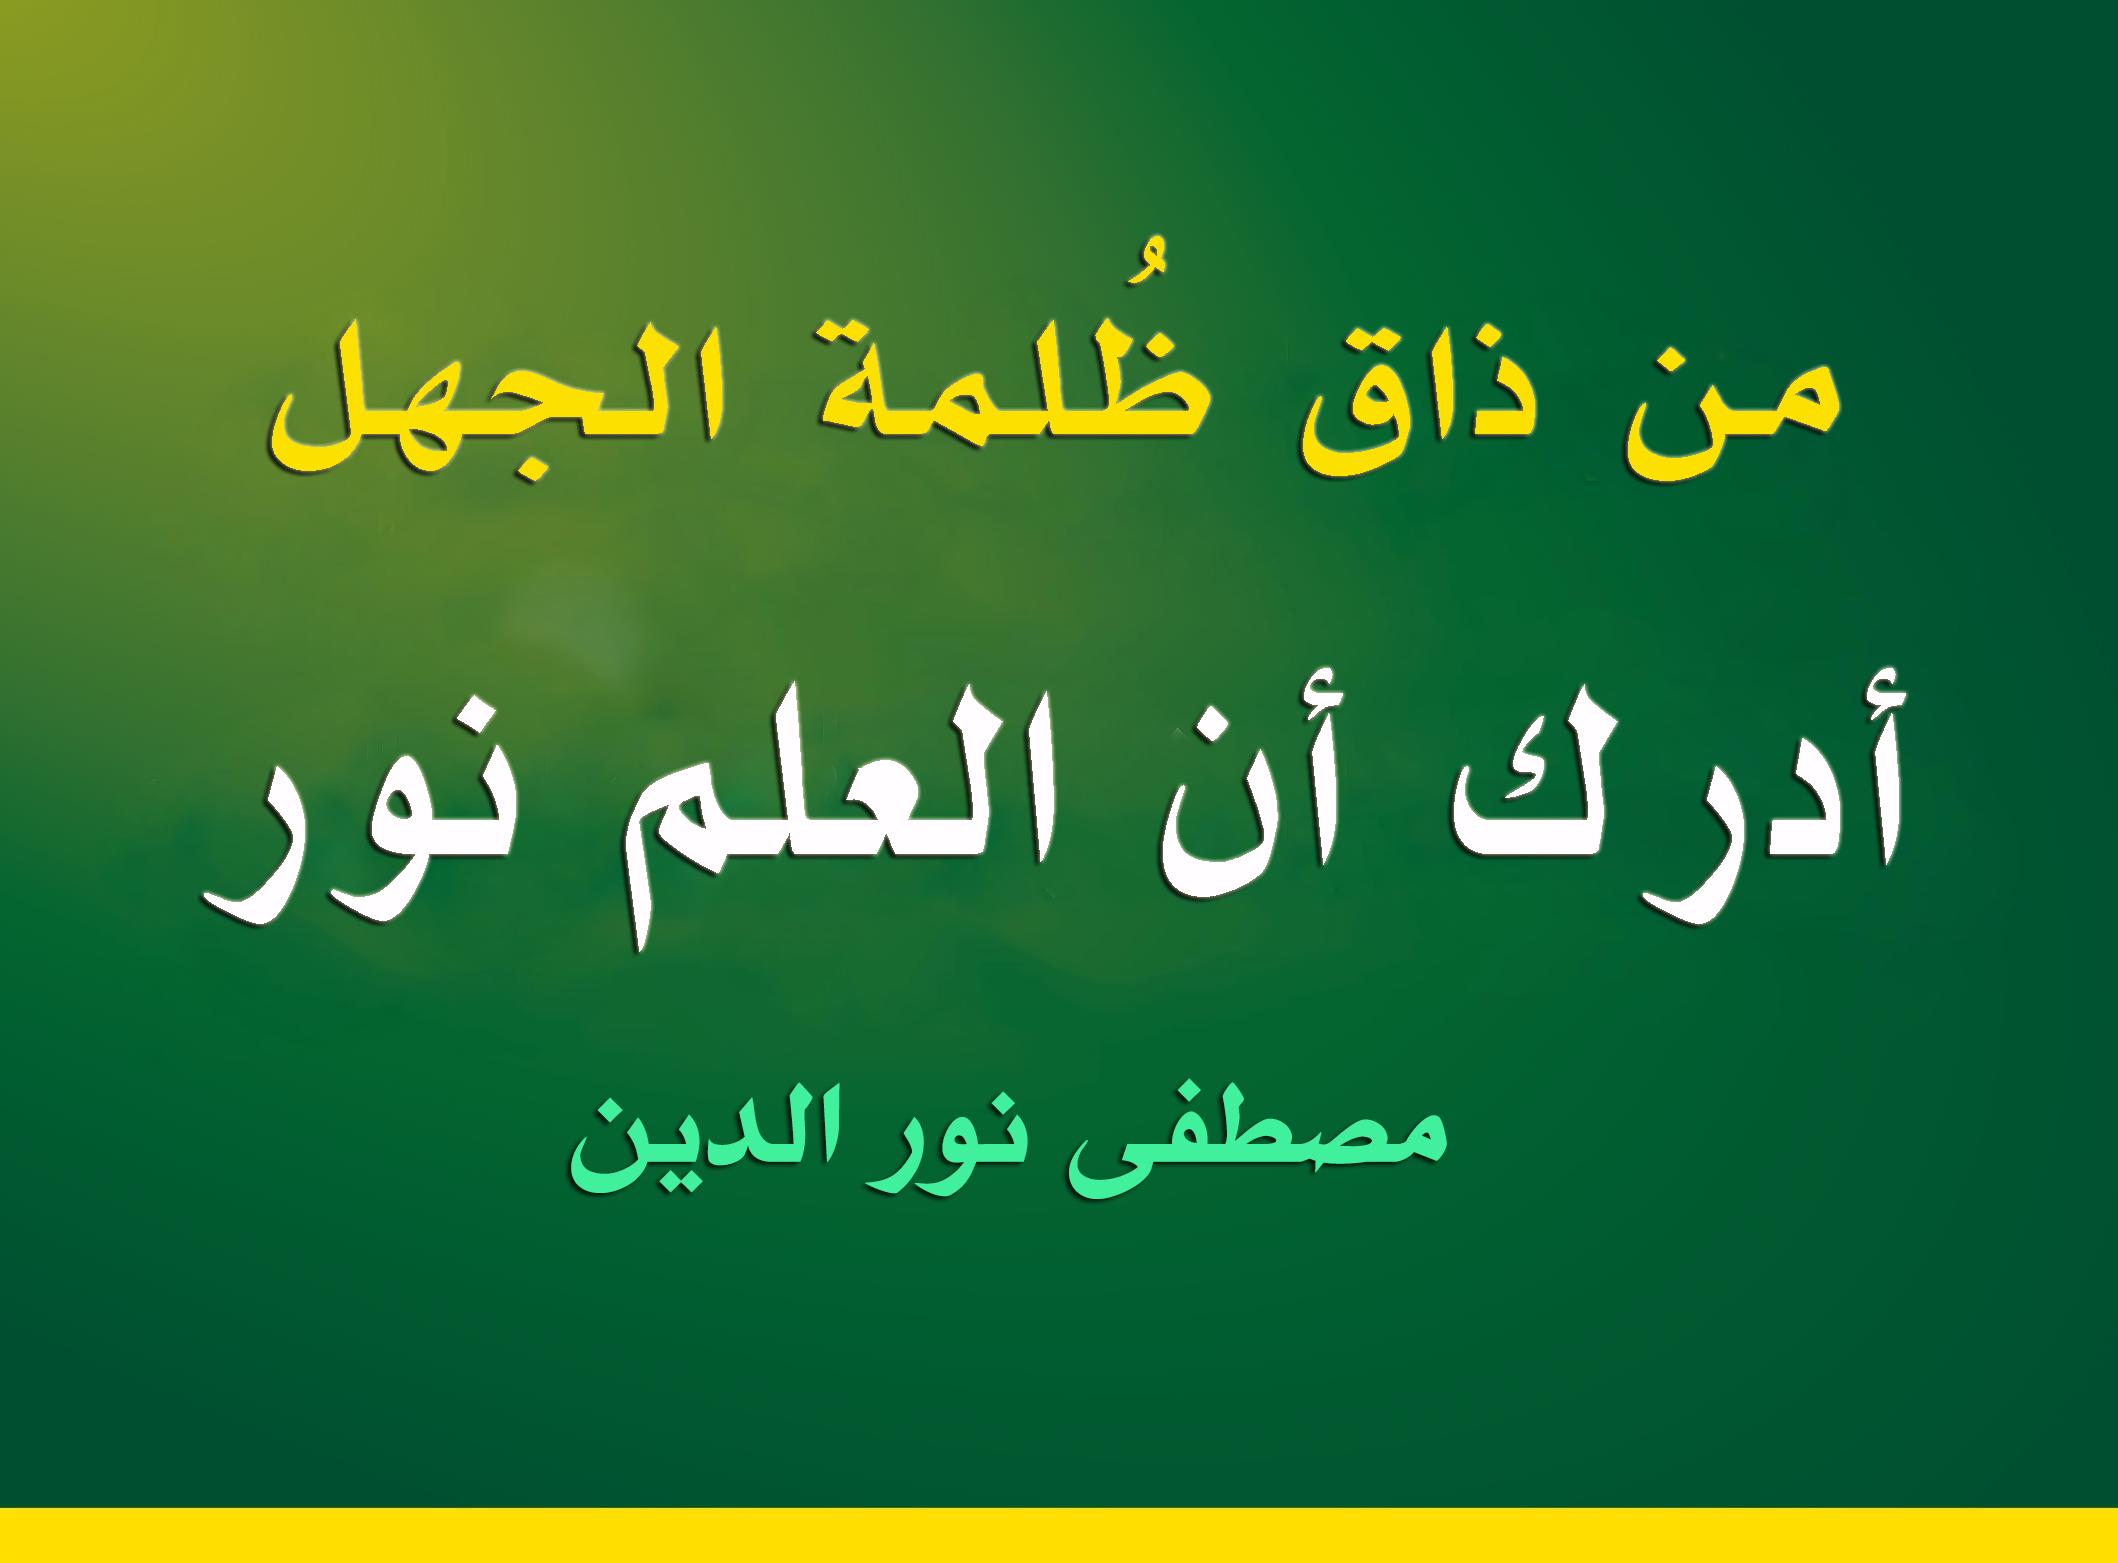 عبارات عن الانضباط المدرسي وعدم الغياب Alaylalayl